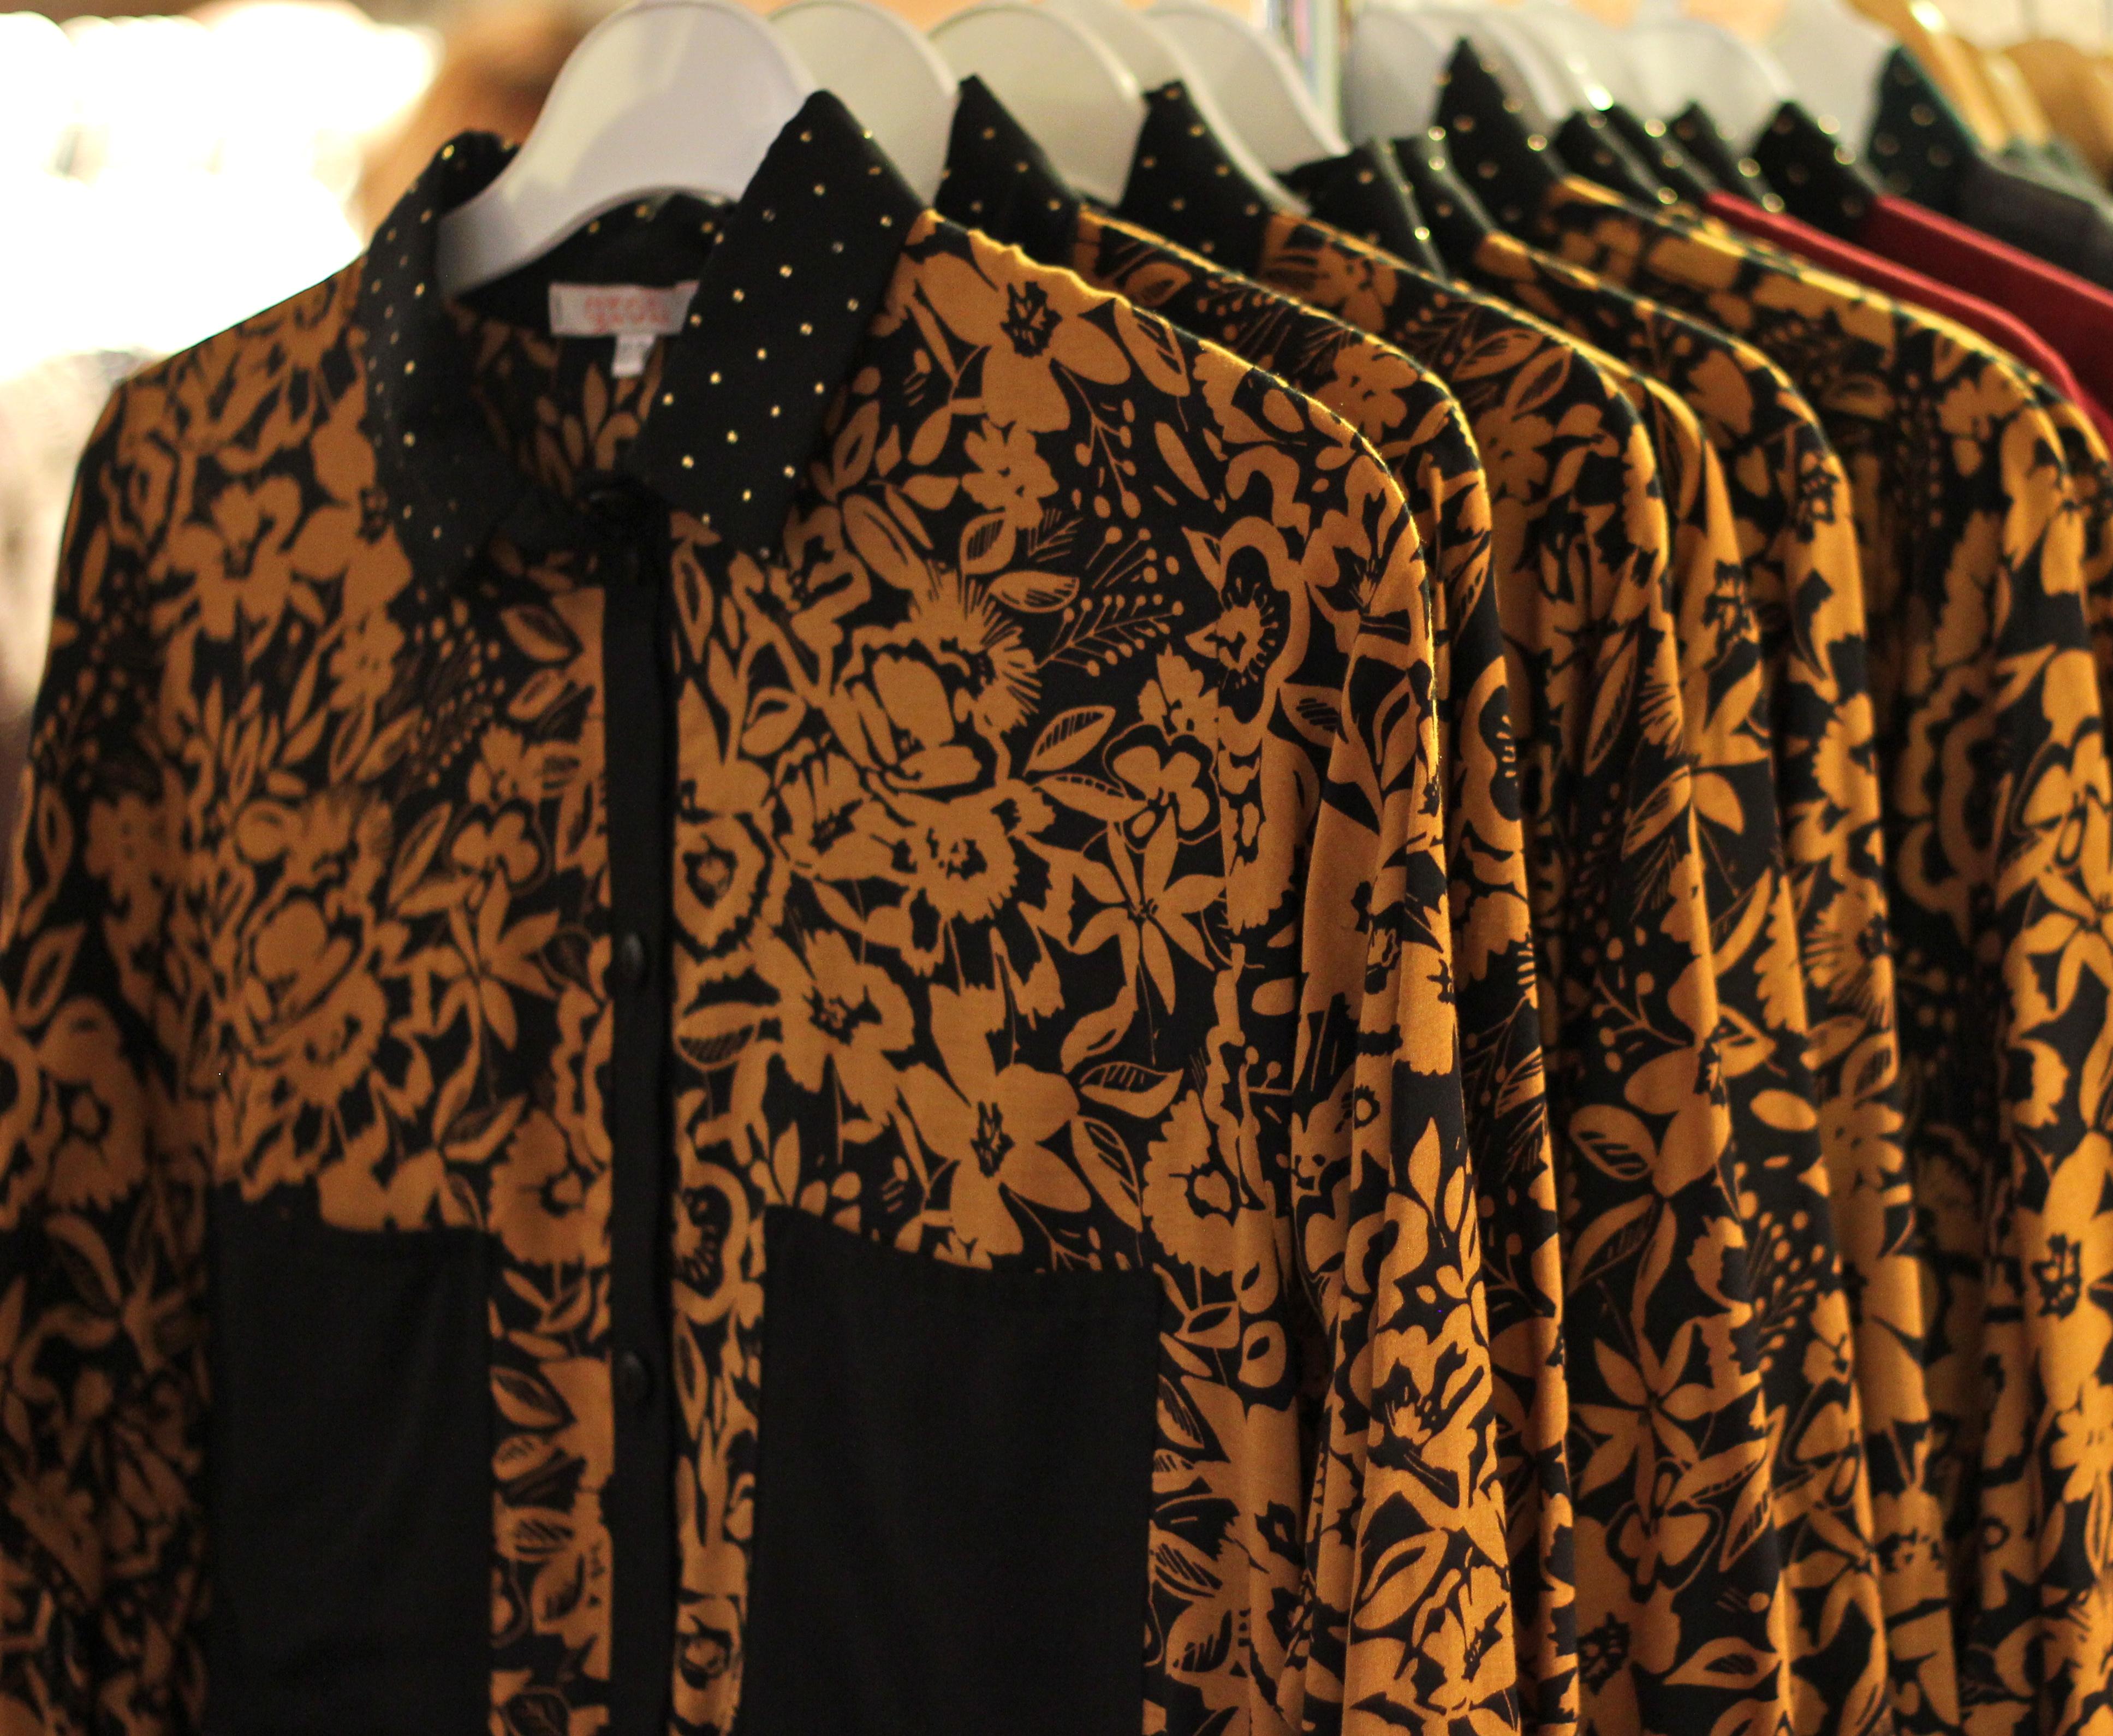 Entrevue avec Guylaine Roberge de Grob dans le cadre de la Braderie de mode québécoise: De charmantes créations, faciles à porter